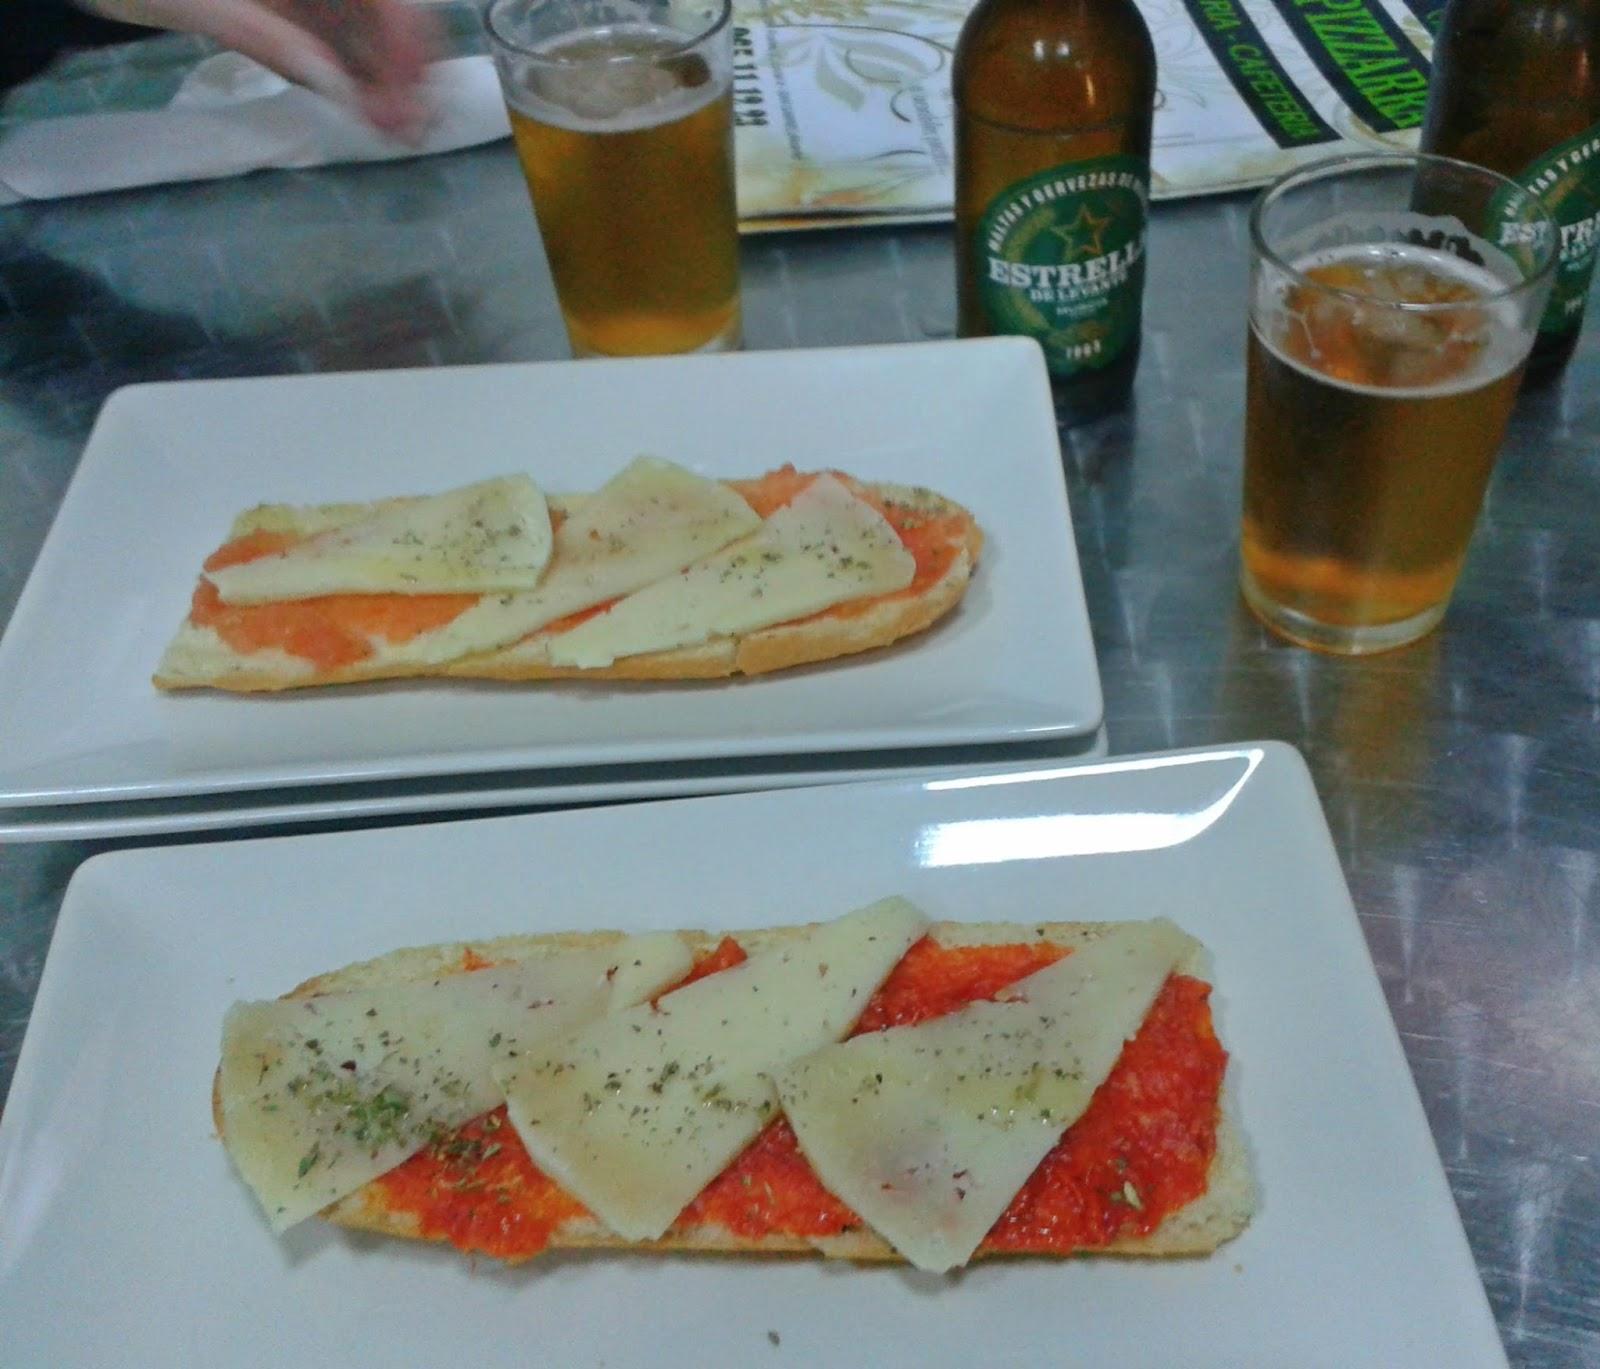 Dos cheringas de tomate y queso y de sobrasada y queso